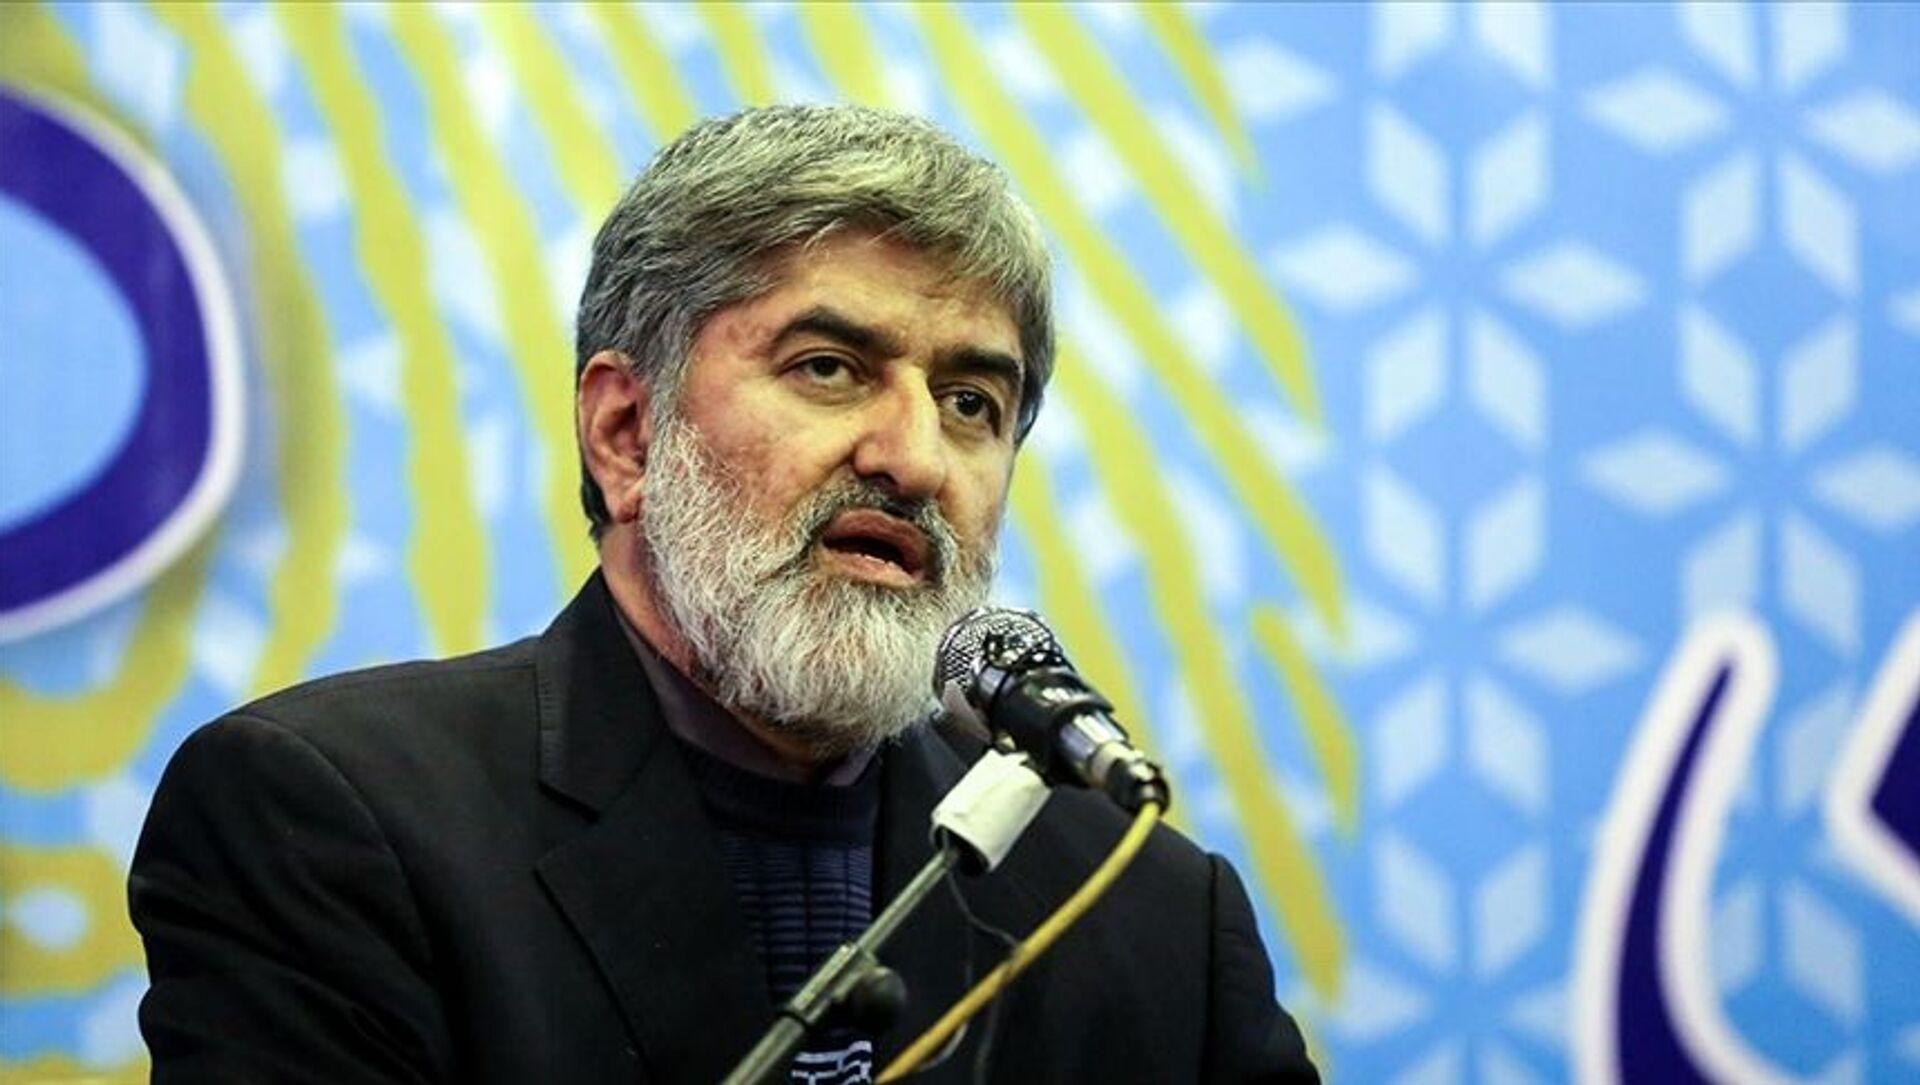 İran'da cumhurbaşkanı adaylarından Mutahhari, Trump'a suikast çağrısı yaptı - Sputnik Türkiye, 1920, 06.05.2021